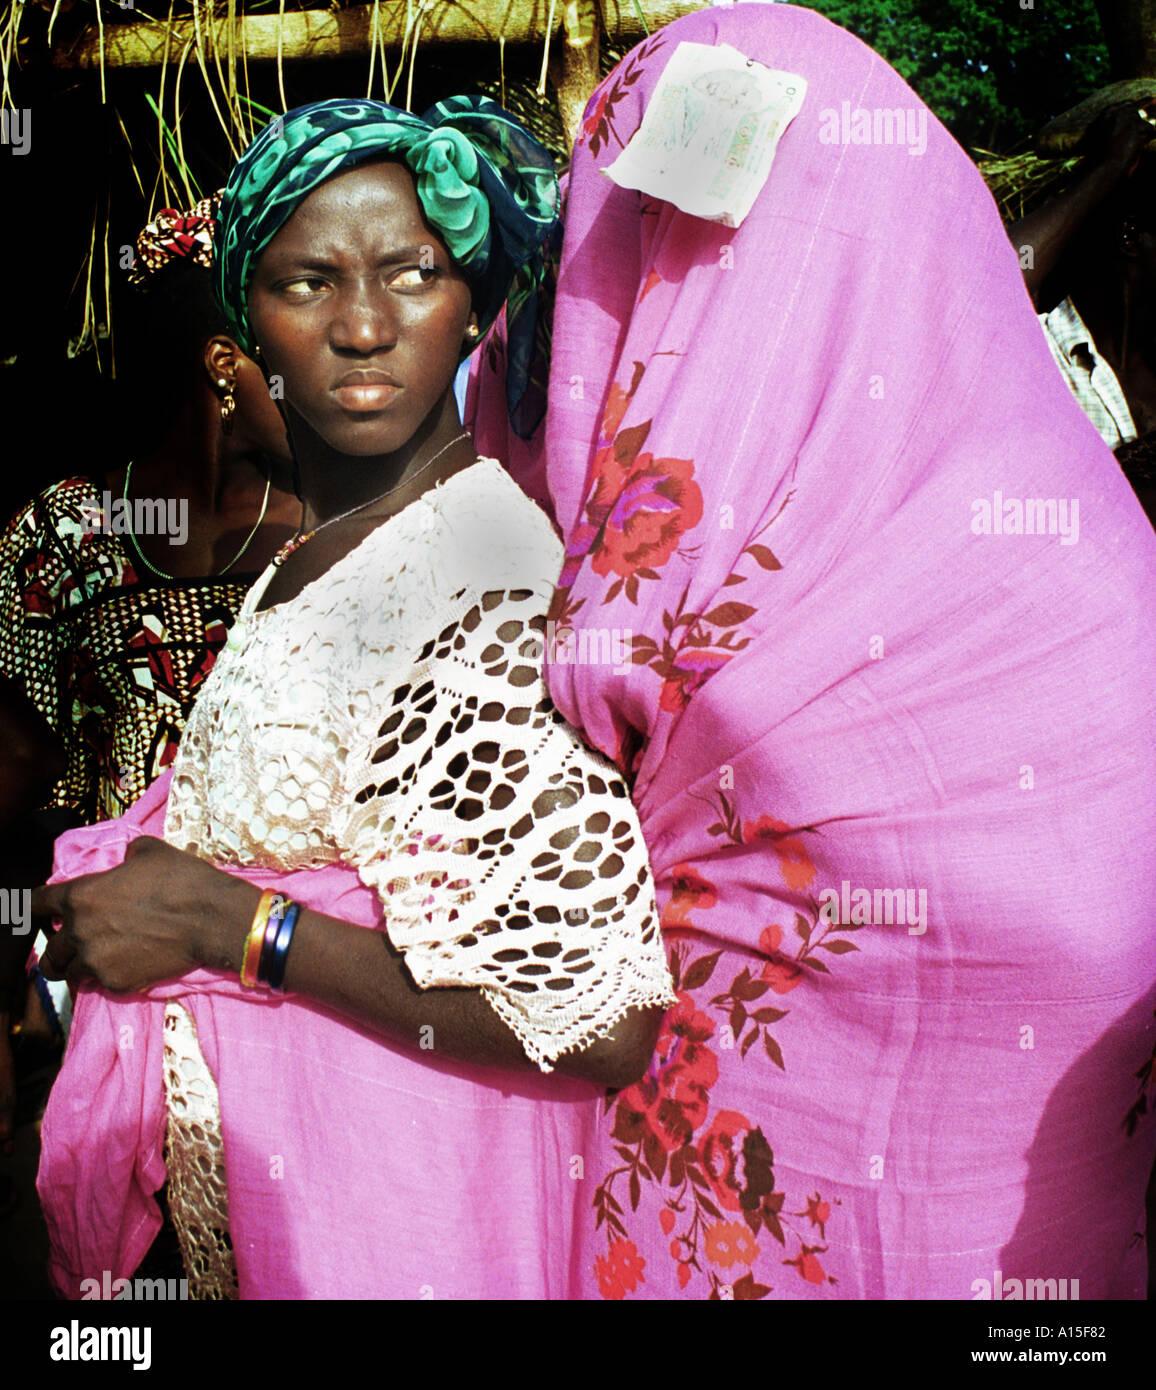 Muslim Country Imágenes De Stock & Muslim Country Fotos De Stock - Alamy